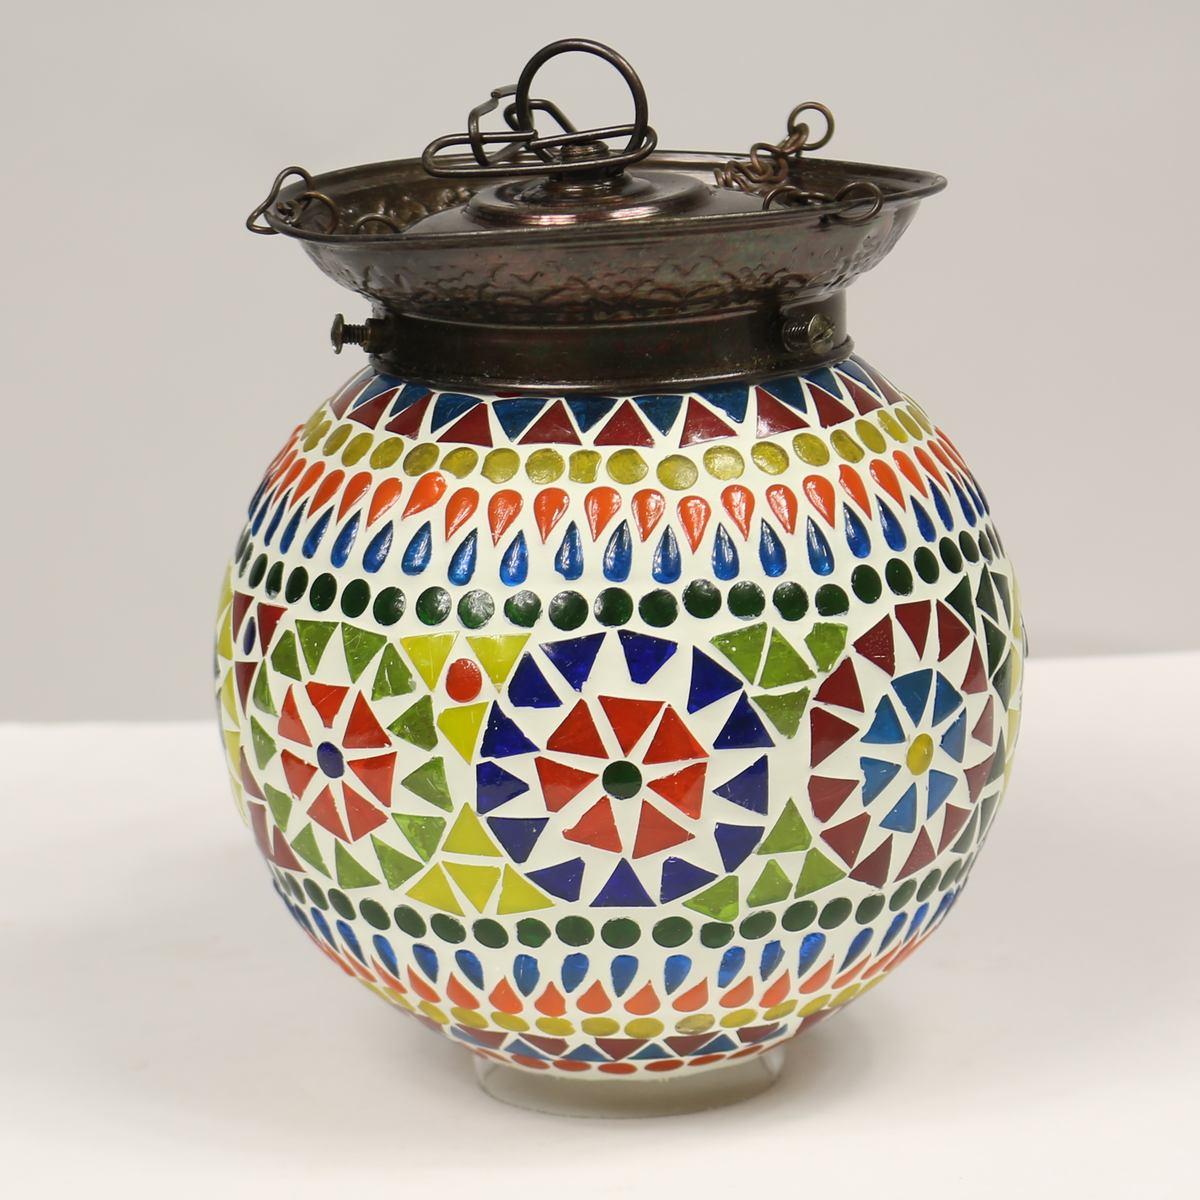 H nge mosaik lampen rund orientalisch dekoleuchte wandleuchte laterne deckenleuchte bunt color - Wandbild orientalisch ...